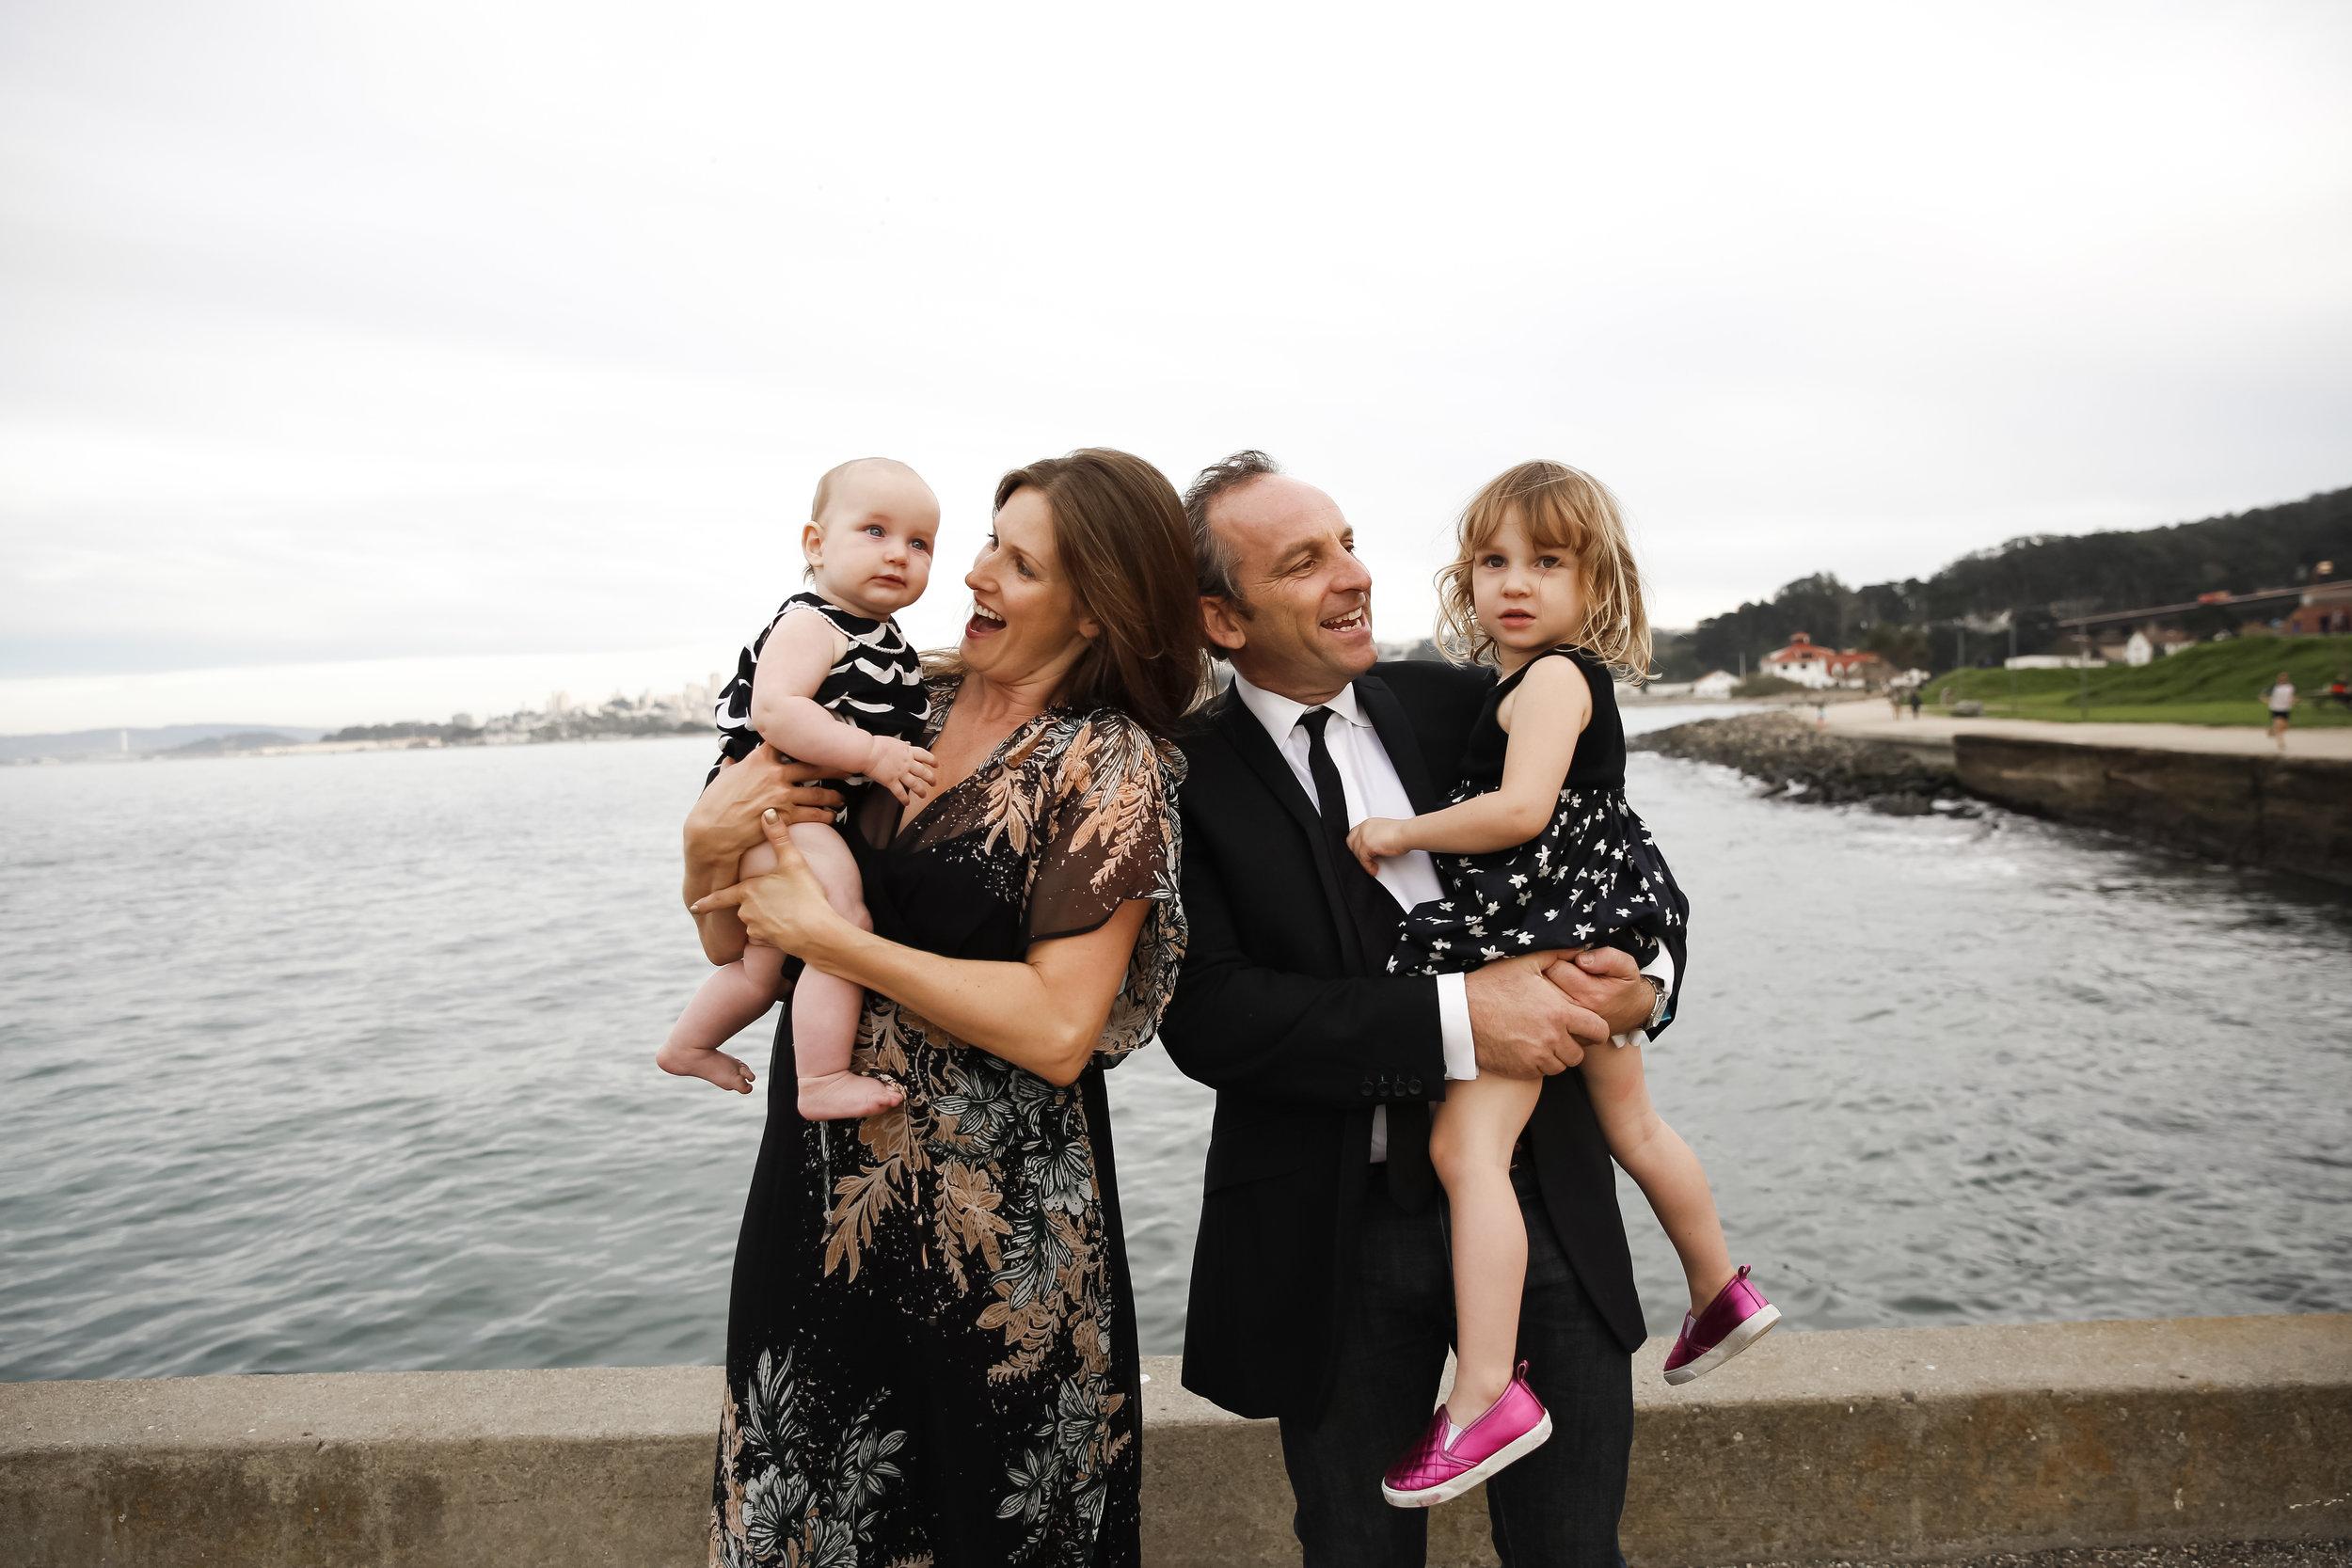 kriegerfamily-ahp-00041.jpg